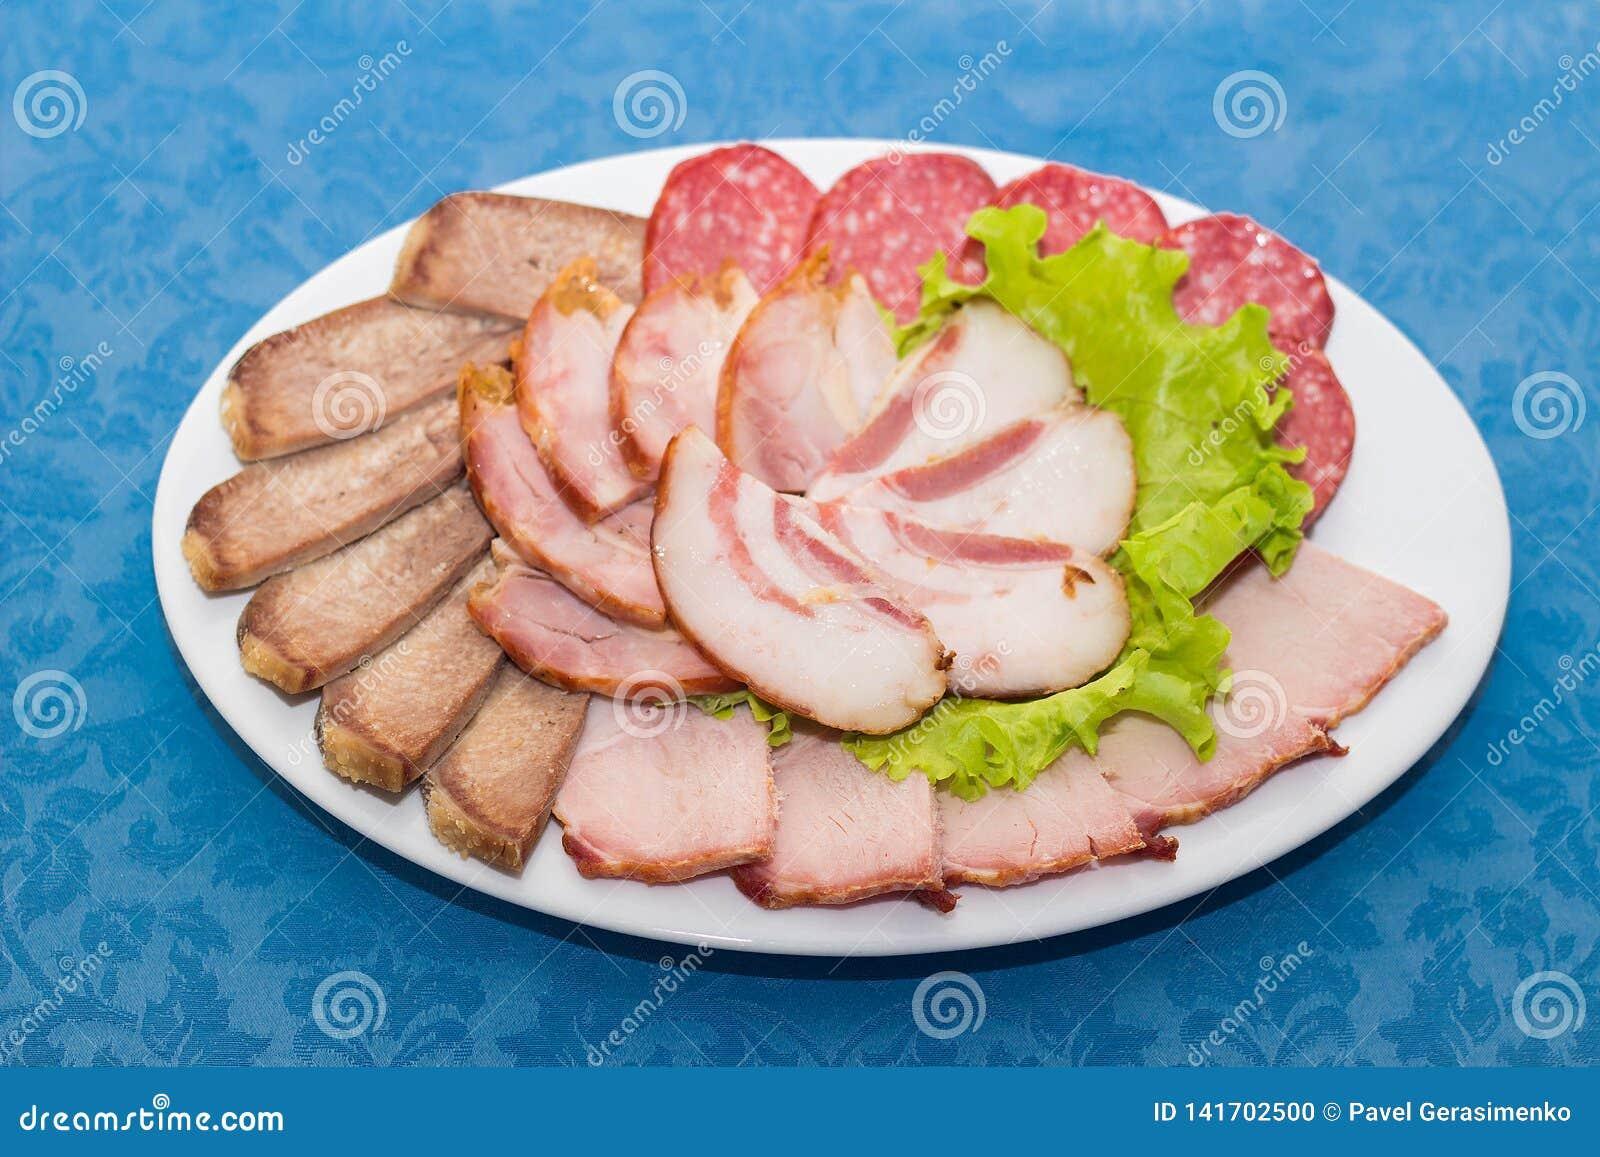 Mischung des geschnittenen Fleisches, der Wurst und des Schinkens